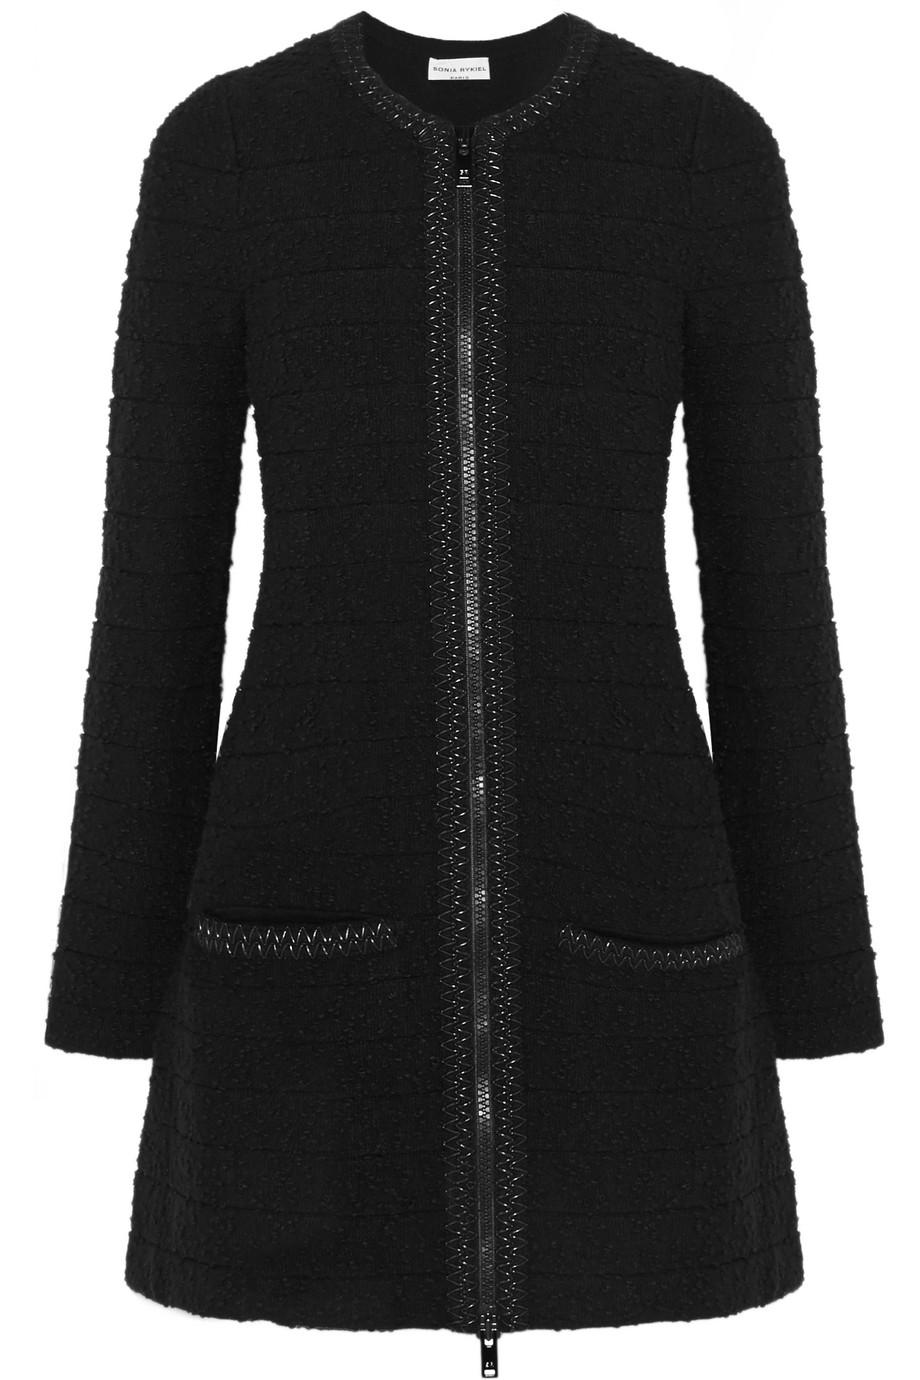 Sonia Rykiel Stretch-Bouclé Coat, Black, Women's, Size: 36